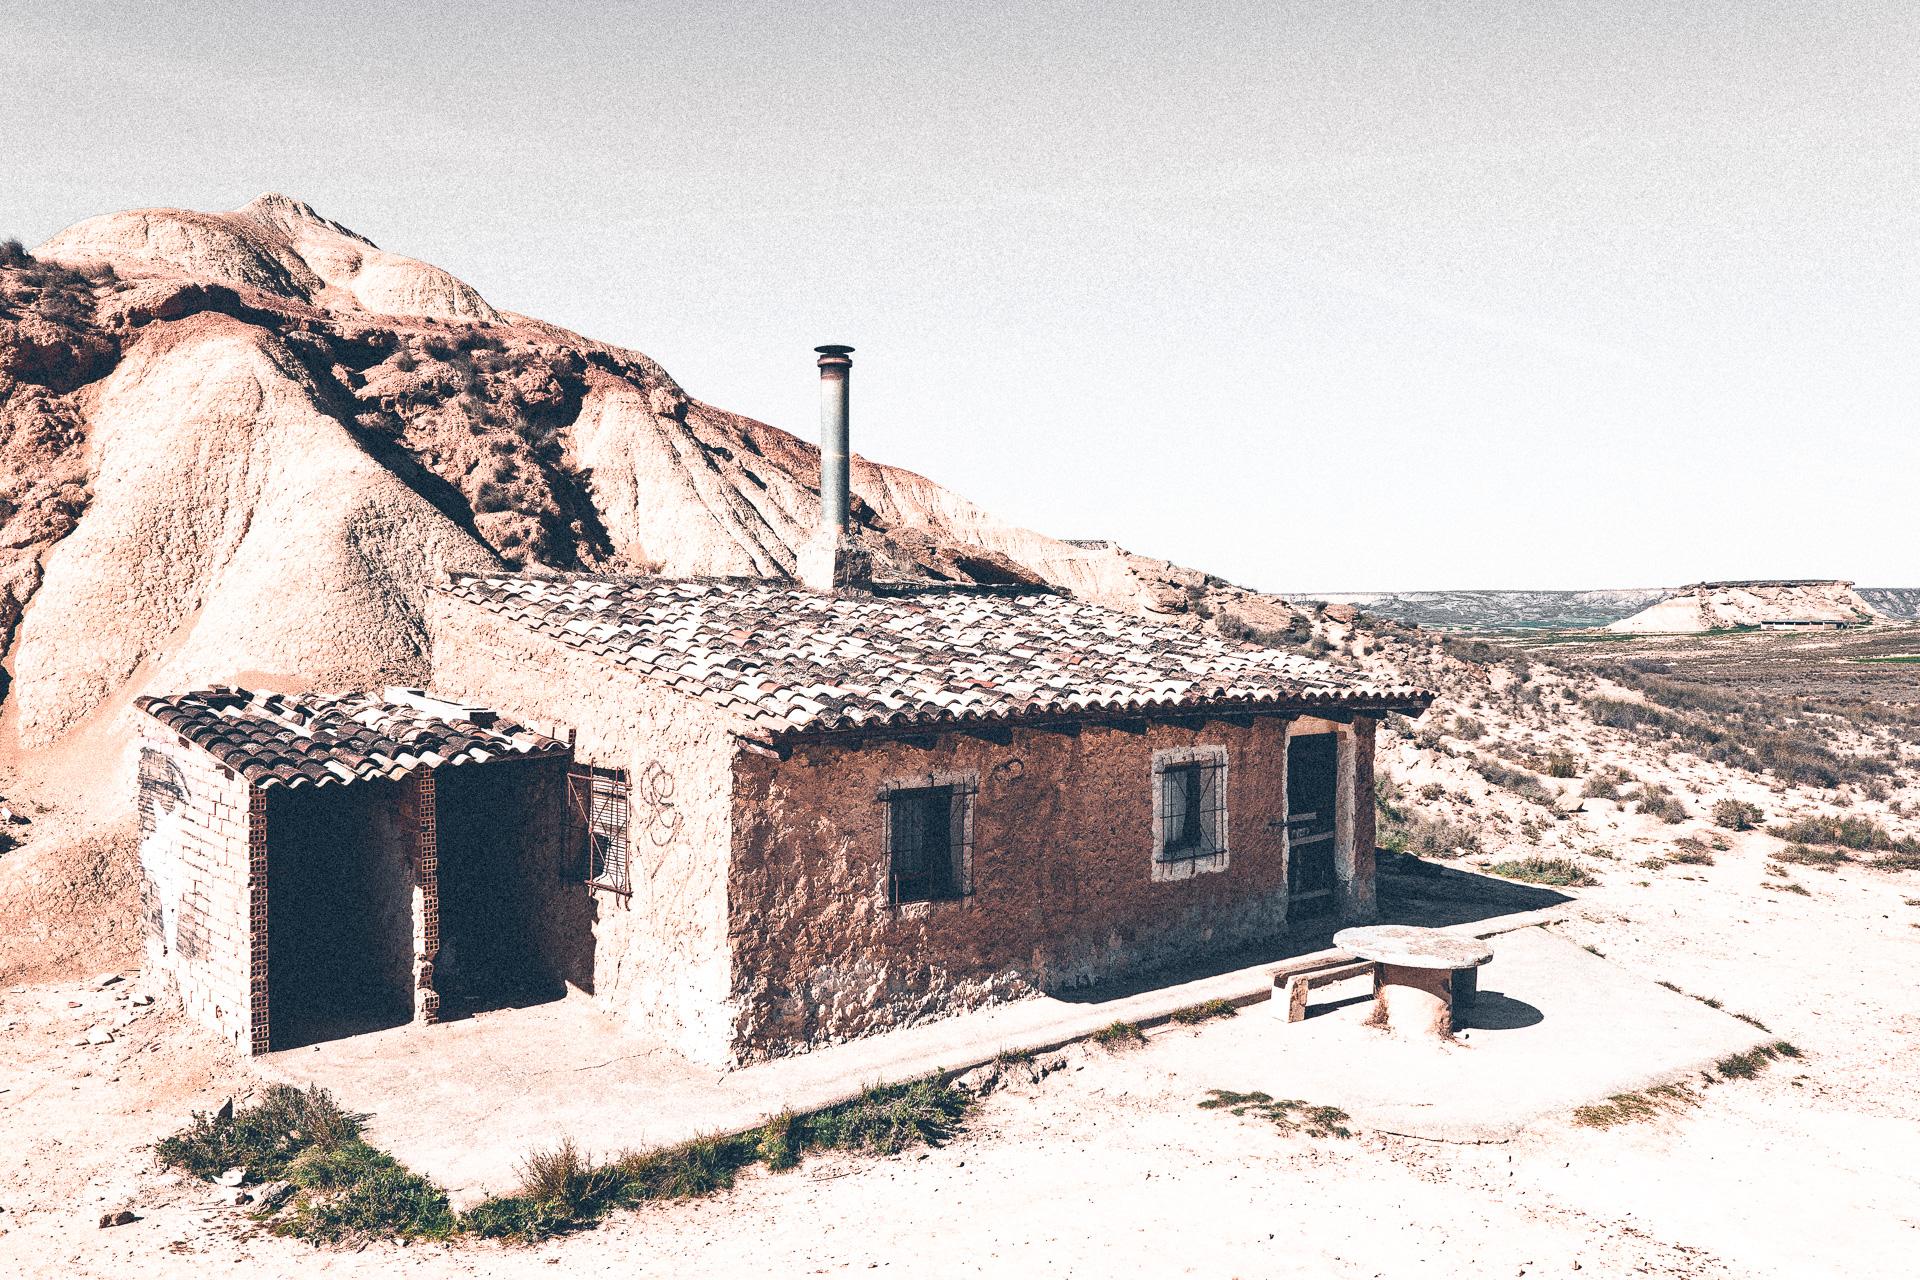 Bauernhaus in der Halbwüste